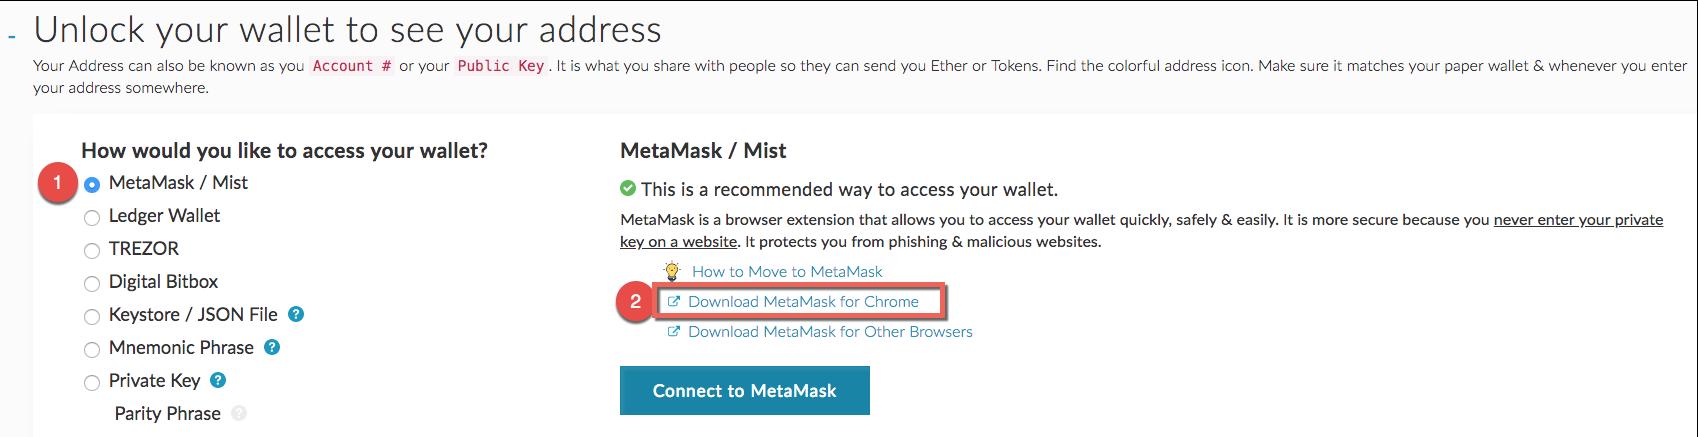 Klicke den Punkten folgend, um das MetaMask-Plugin für Chrome zu installieren!